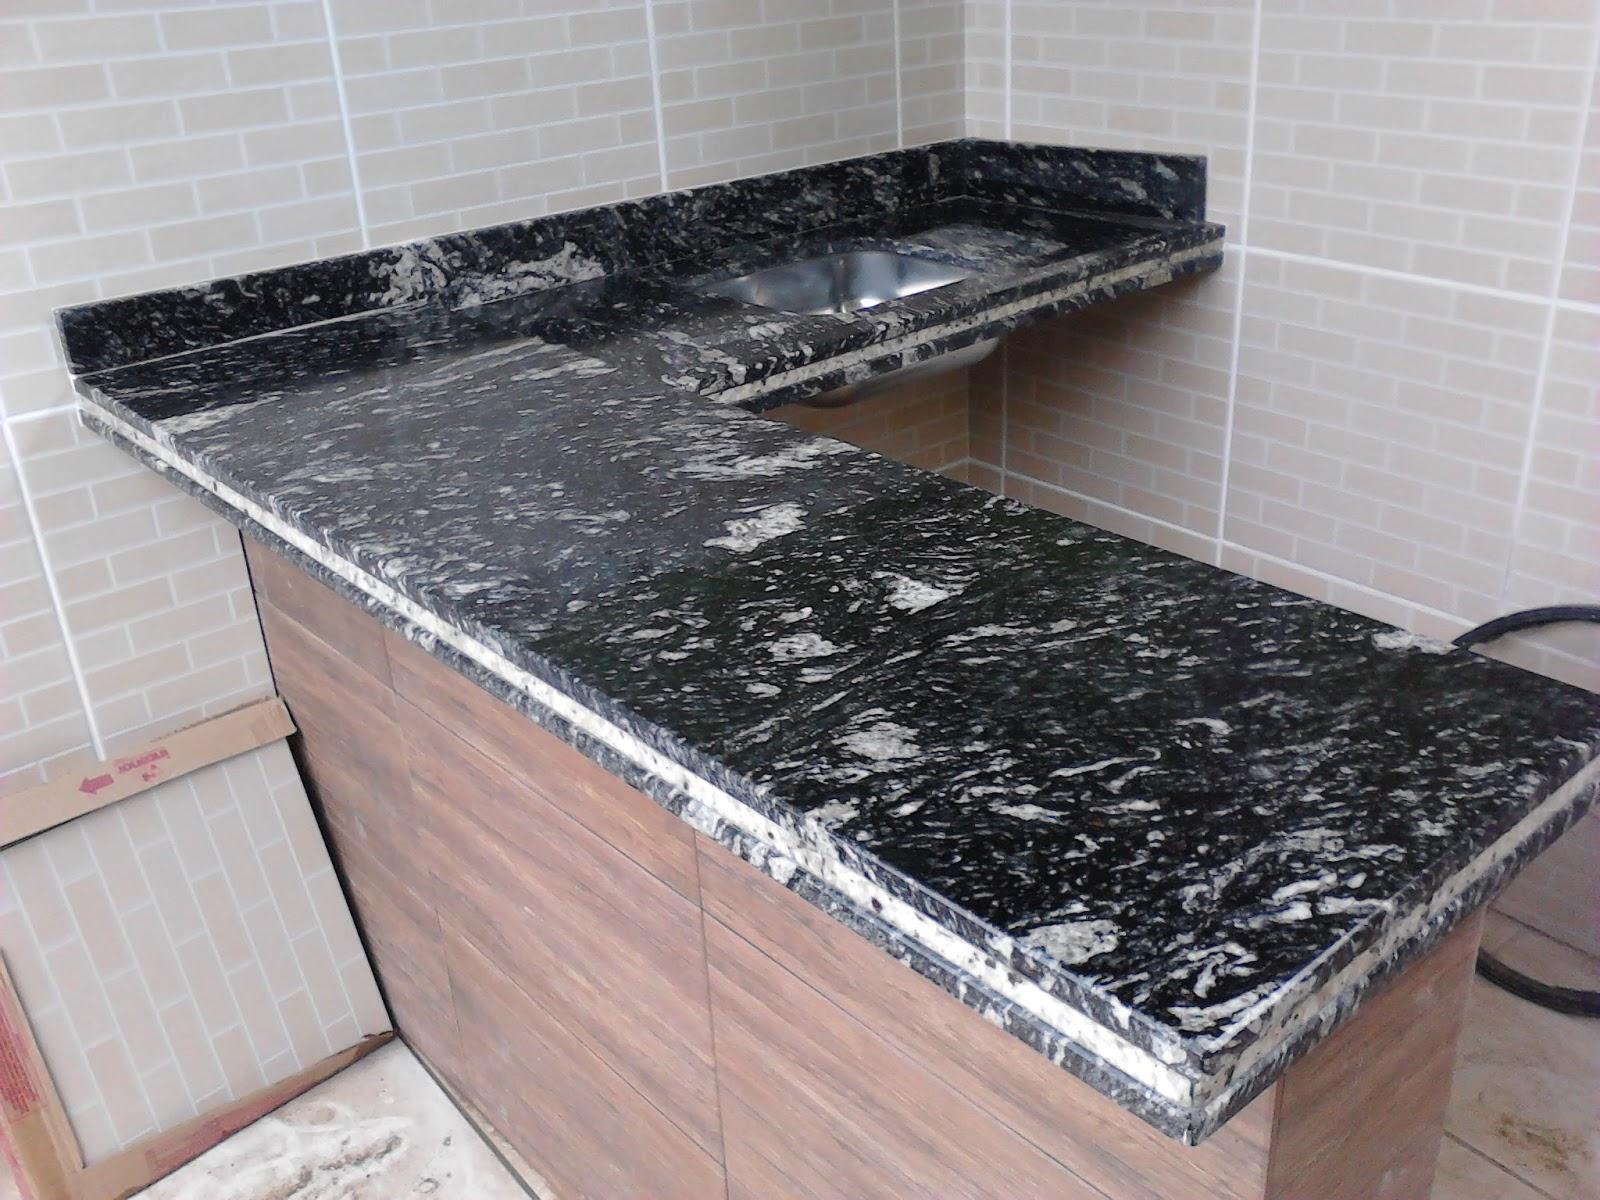 Granito Preto Indiano Pictures #7C5A4F 1600x1200 Banheiro Com Granito Preto Indiano